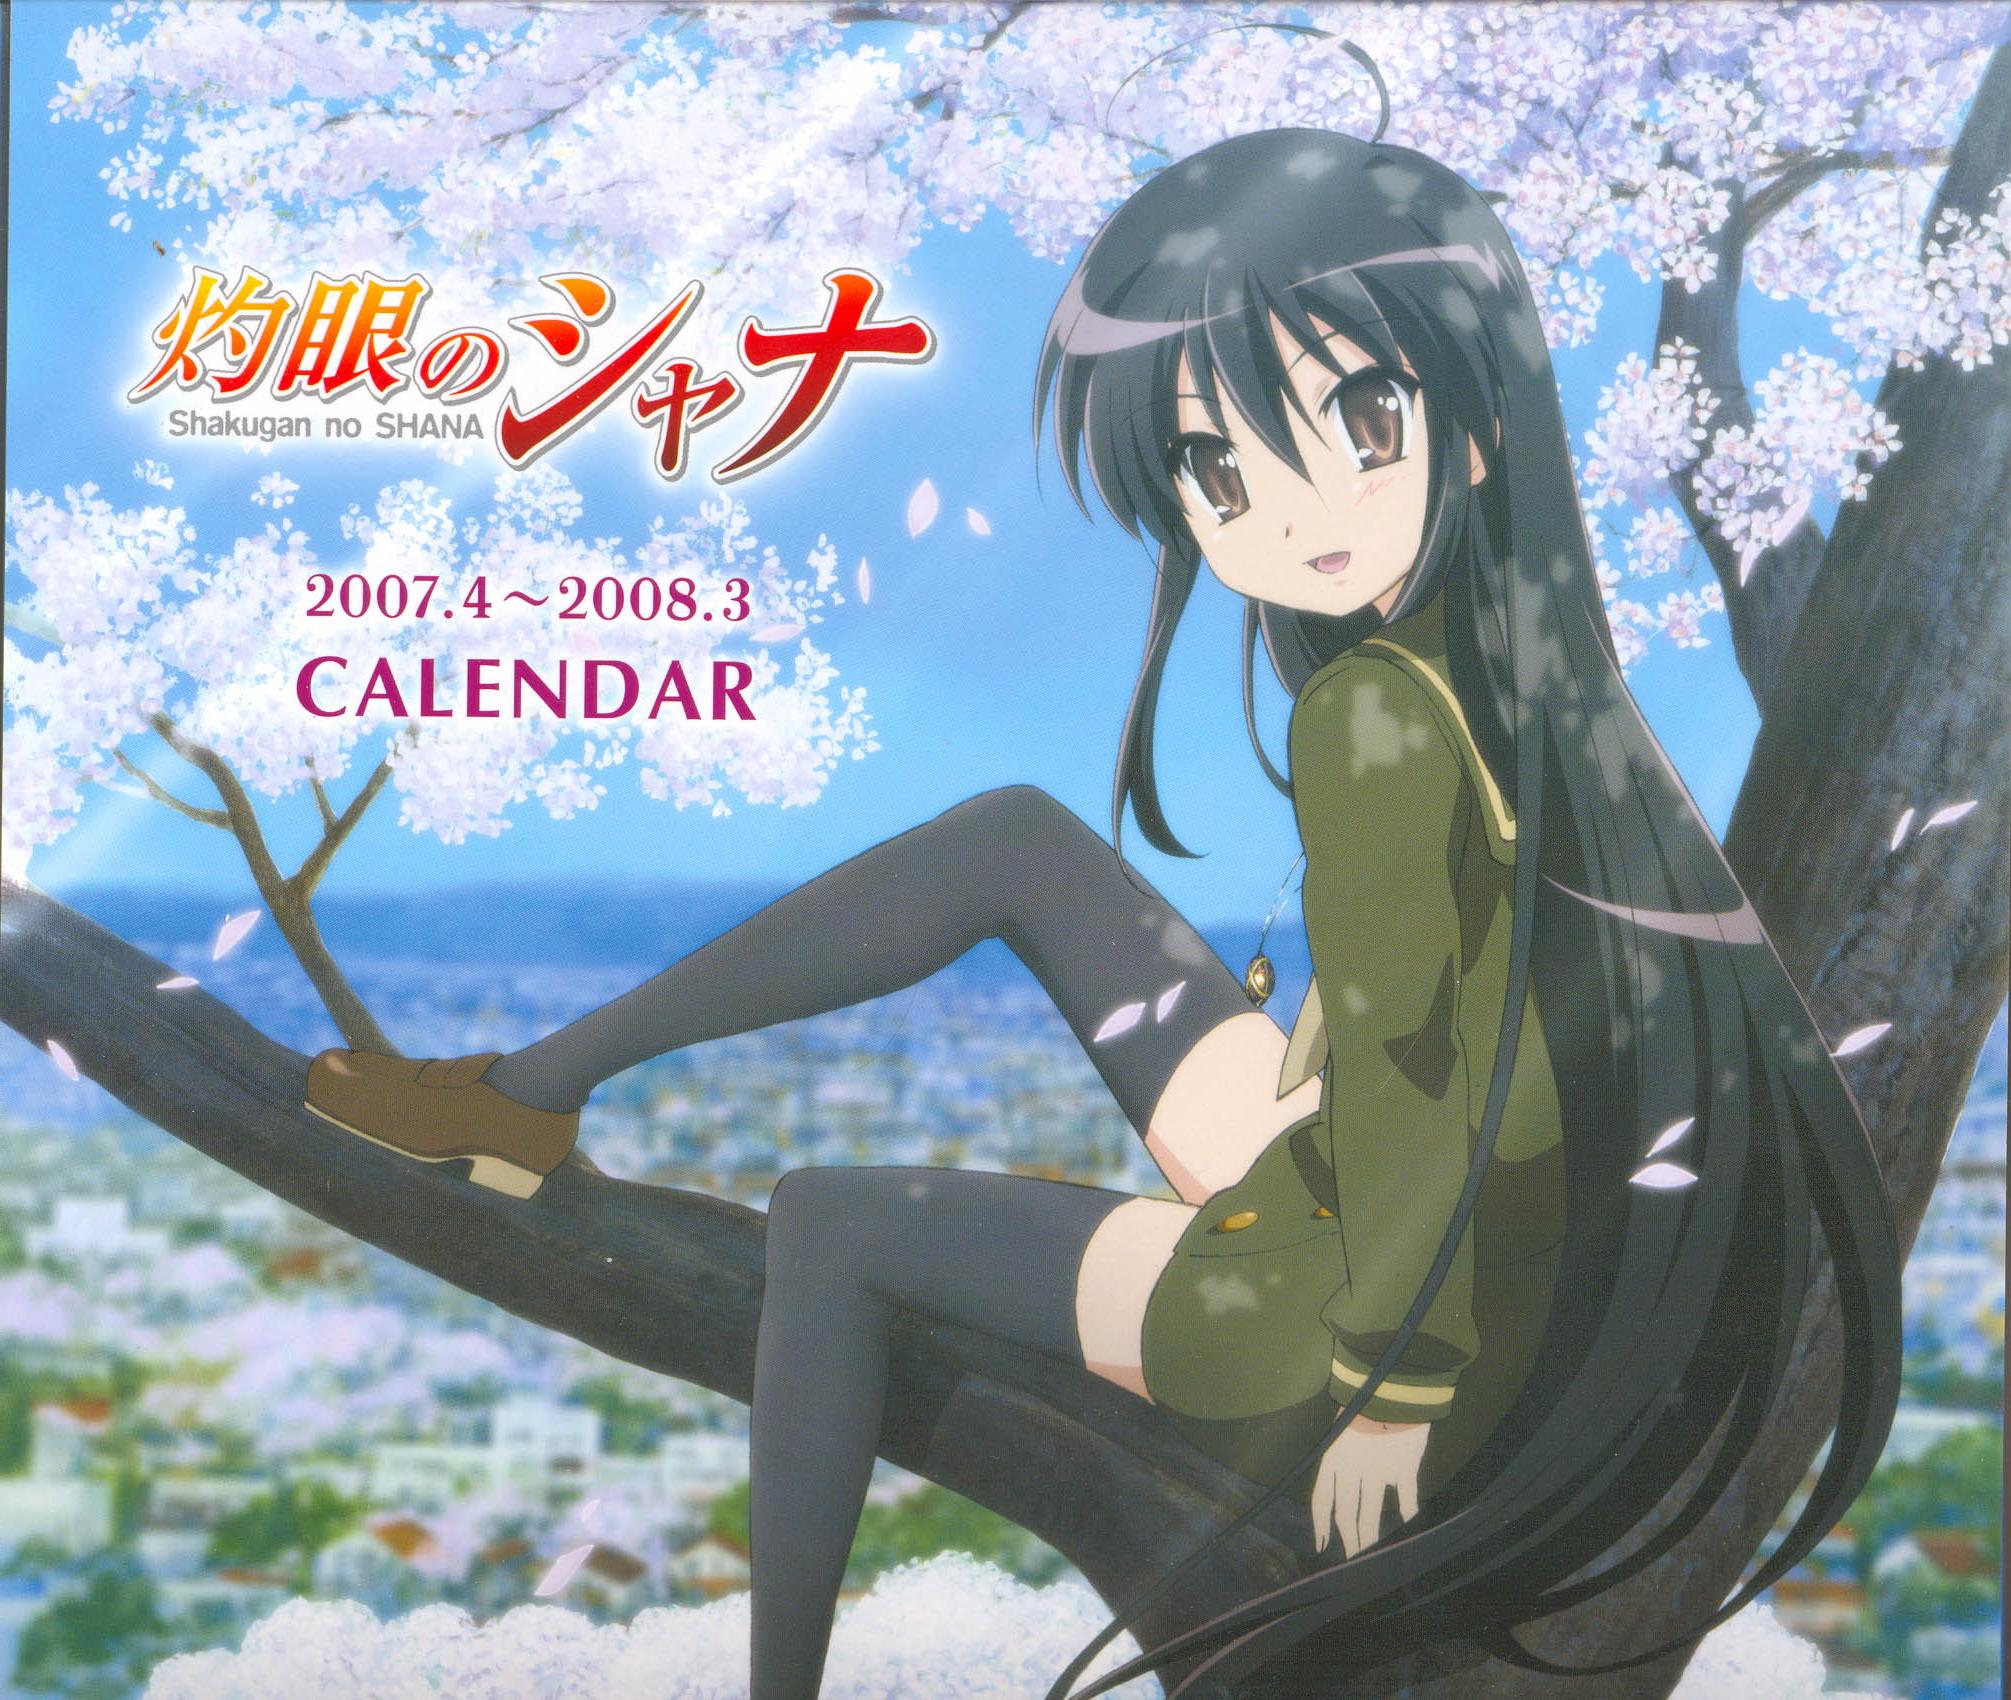 Shakugan no Shana: Shakugan no Shana 2007-8 Calendar - Minitokyo